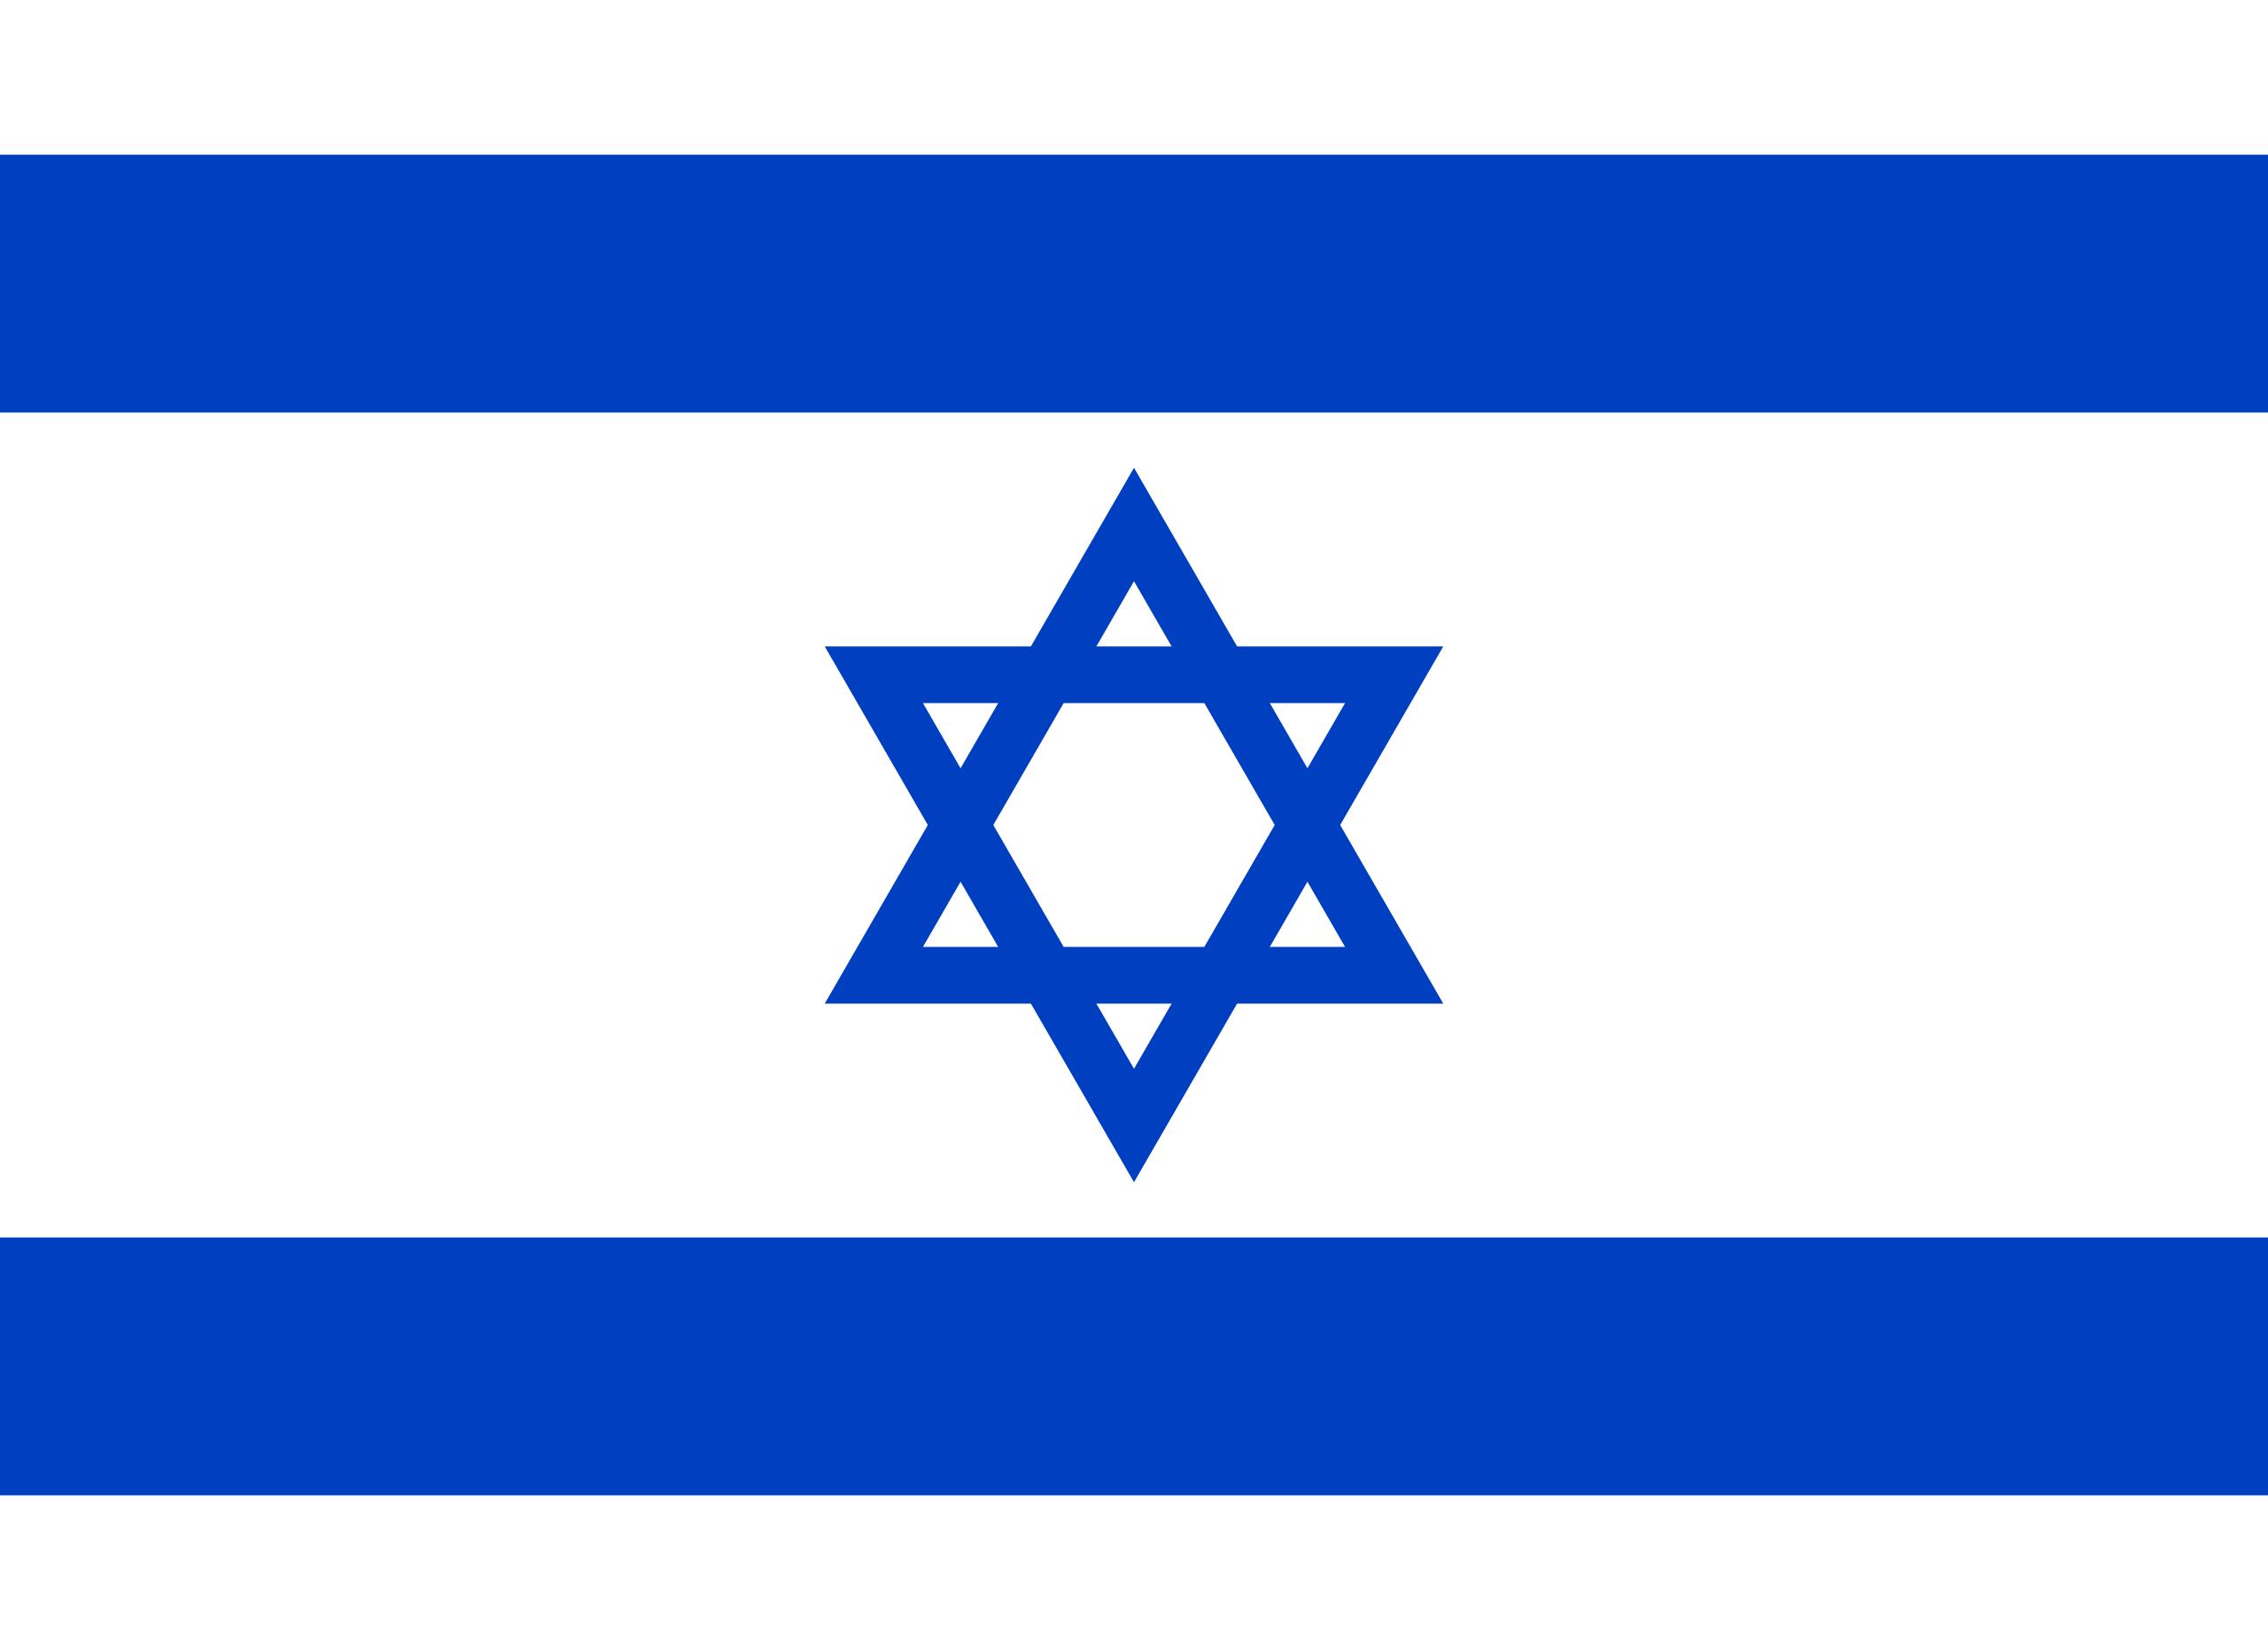 israel, país, emblema, insignia, símbolo - Fondos de Pantalla HD - professor-falken.com